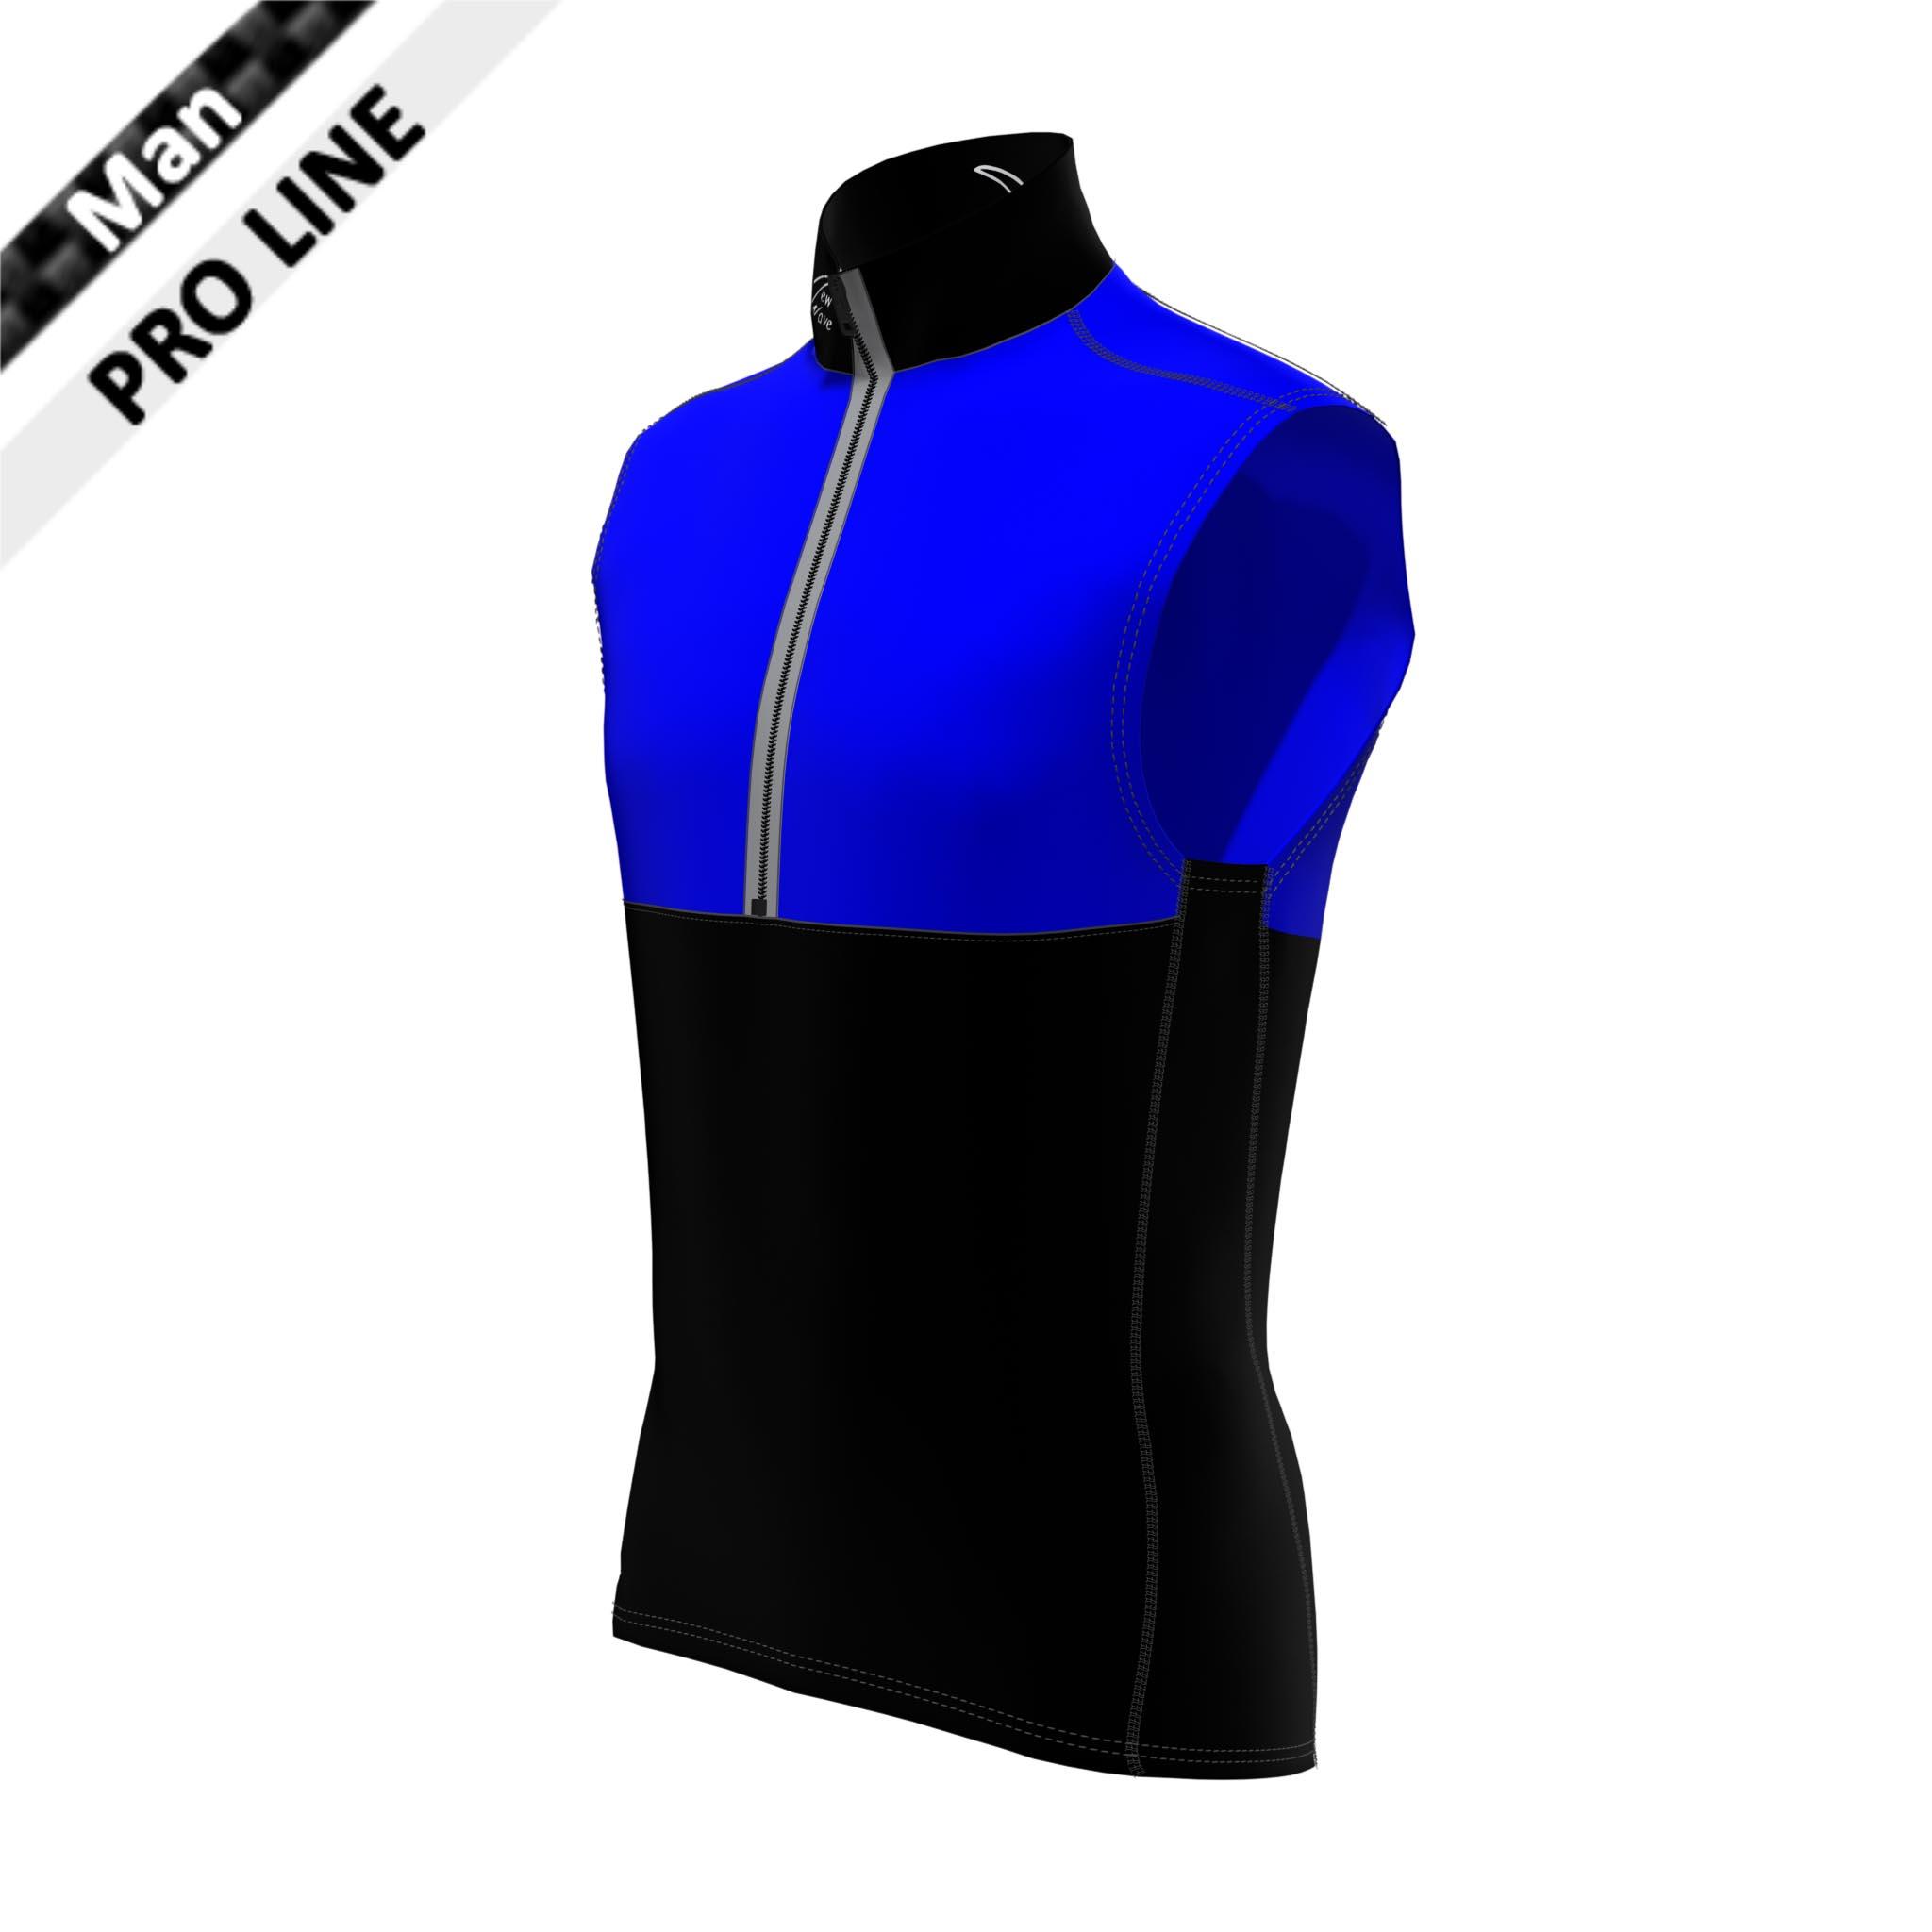 Pro Vest Man black & royal; Kragen - Seitenstreifen - Bauch - Rücken unten schwarz / Brust & oberer Rücken royal